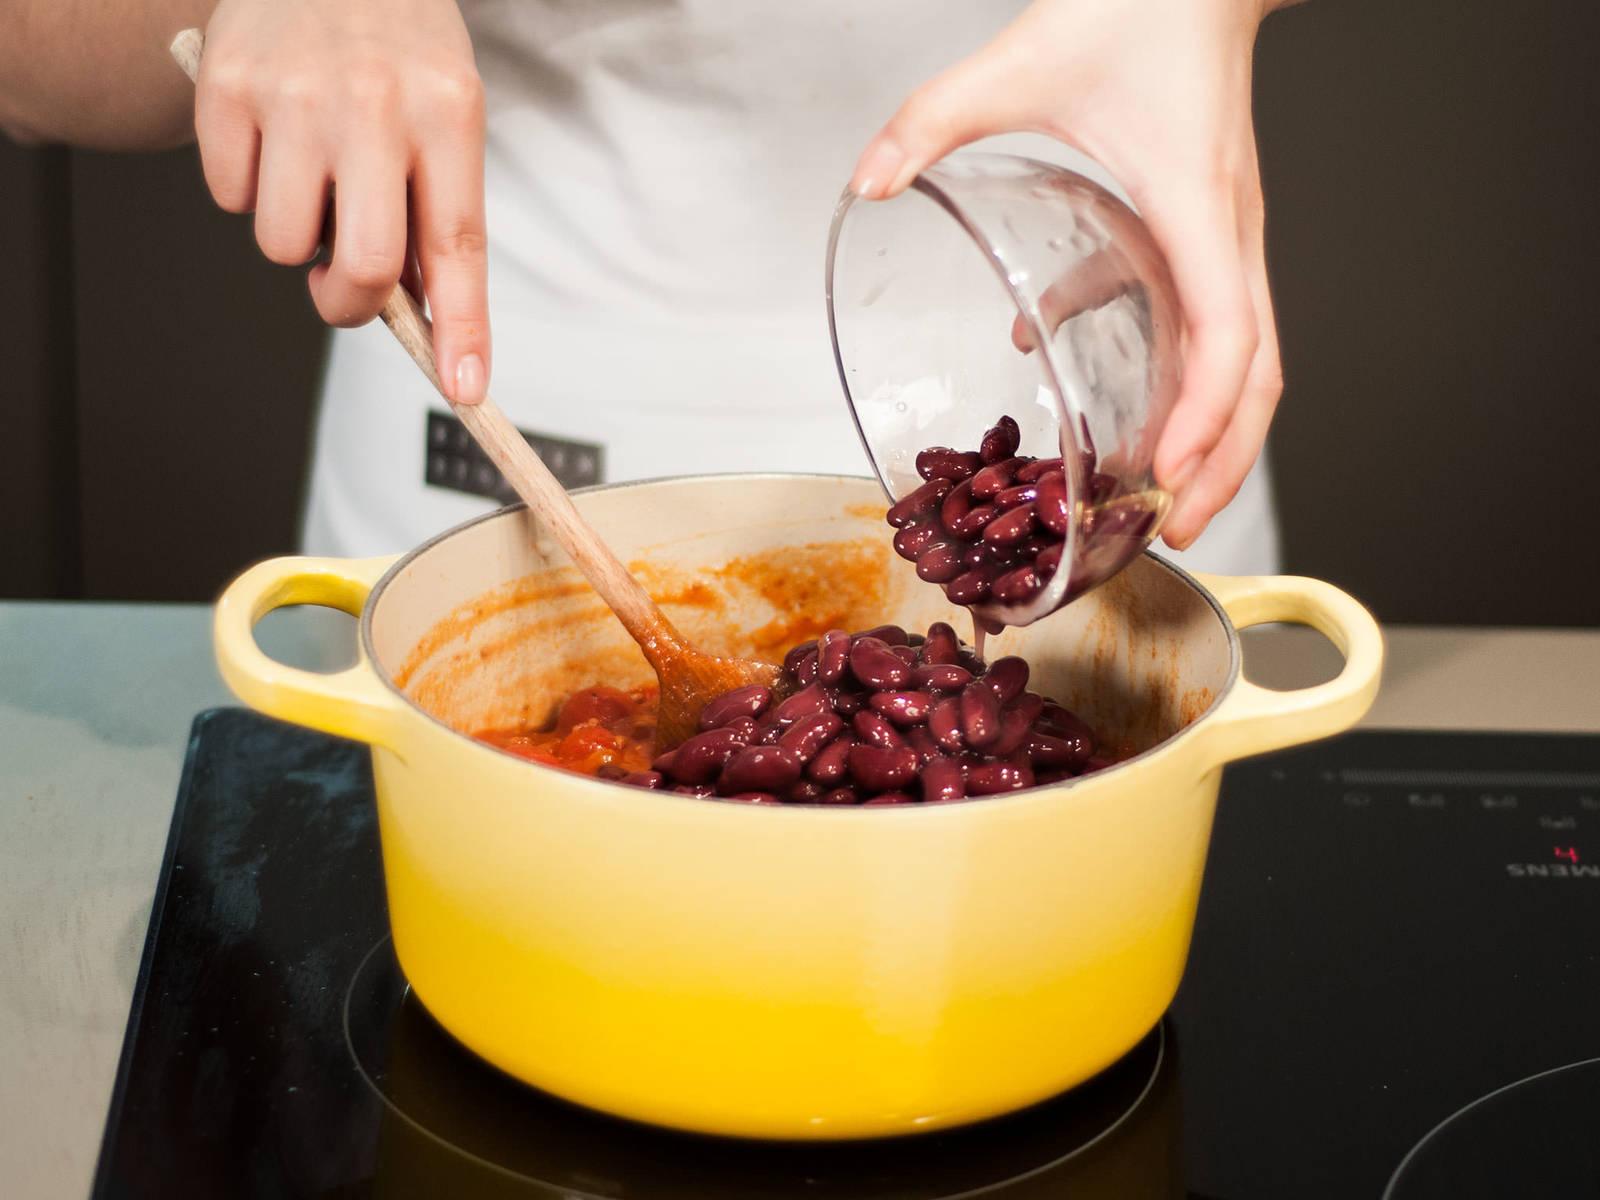 加入罐装番茄、甜玉米与红豆,并搅拌均匀。